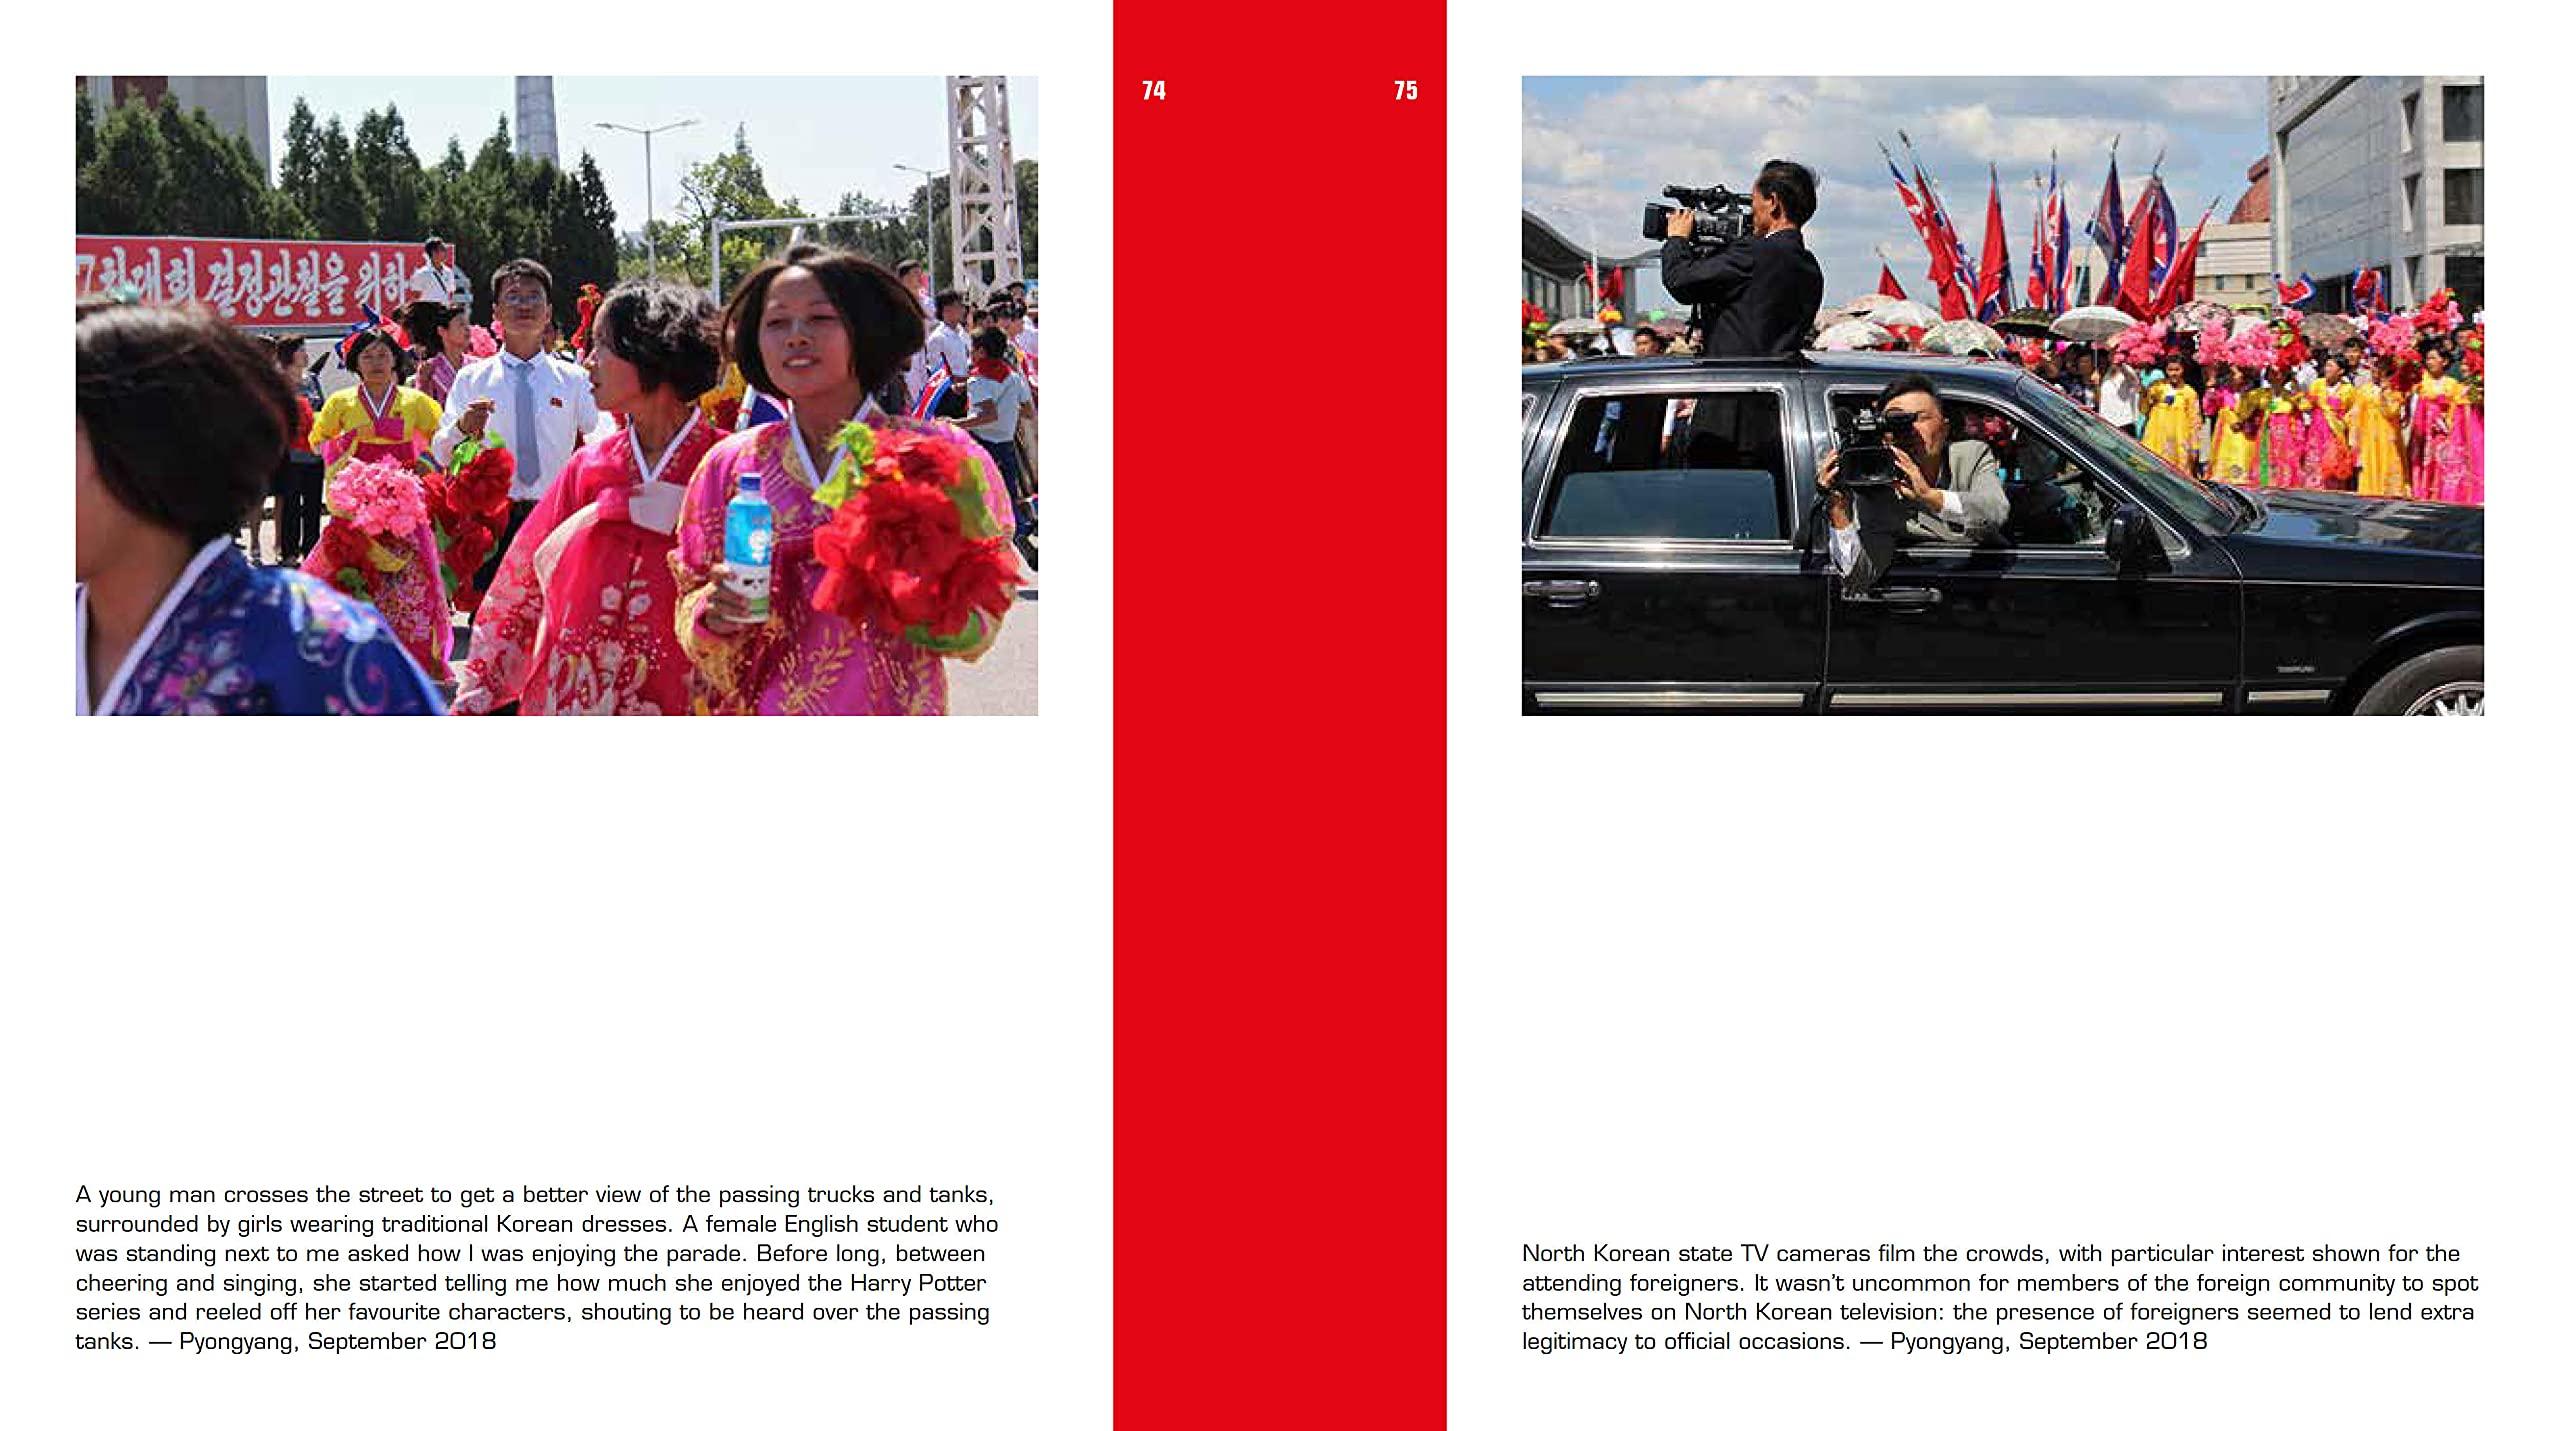 در کتاب تصویری جدیدی خود با عنوان North Korea: Like Nowhere Else، لیندزی میلر تصویری شفاف از جامعه کره شمالی ارائه داده است.